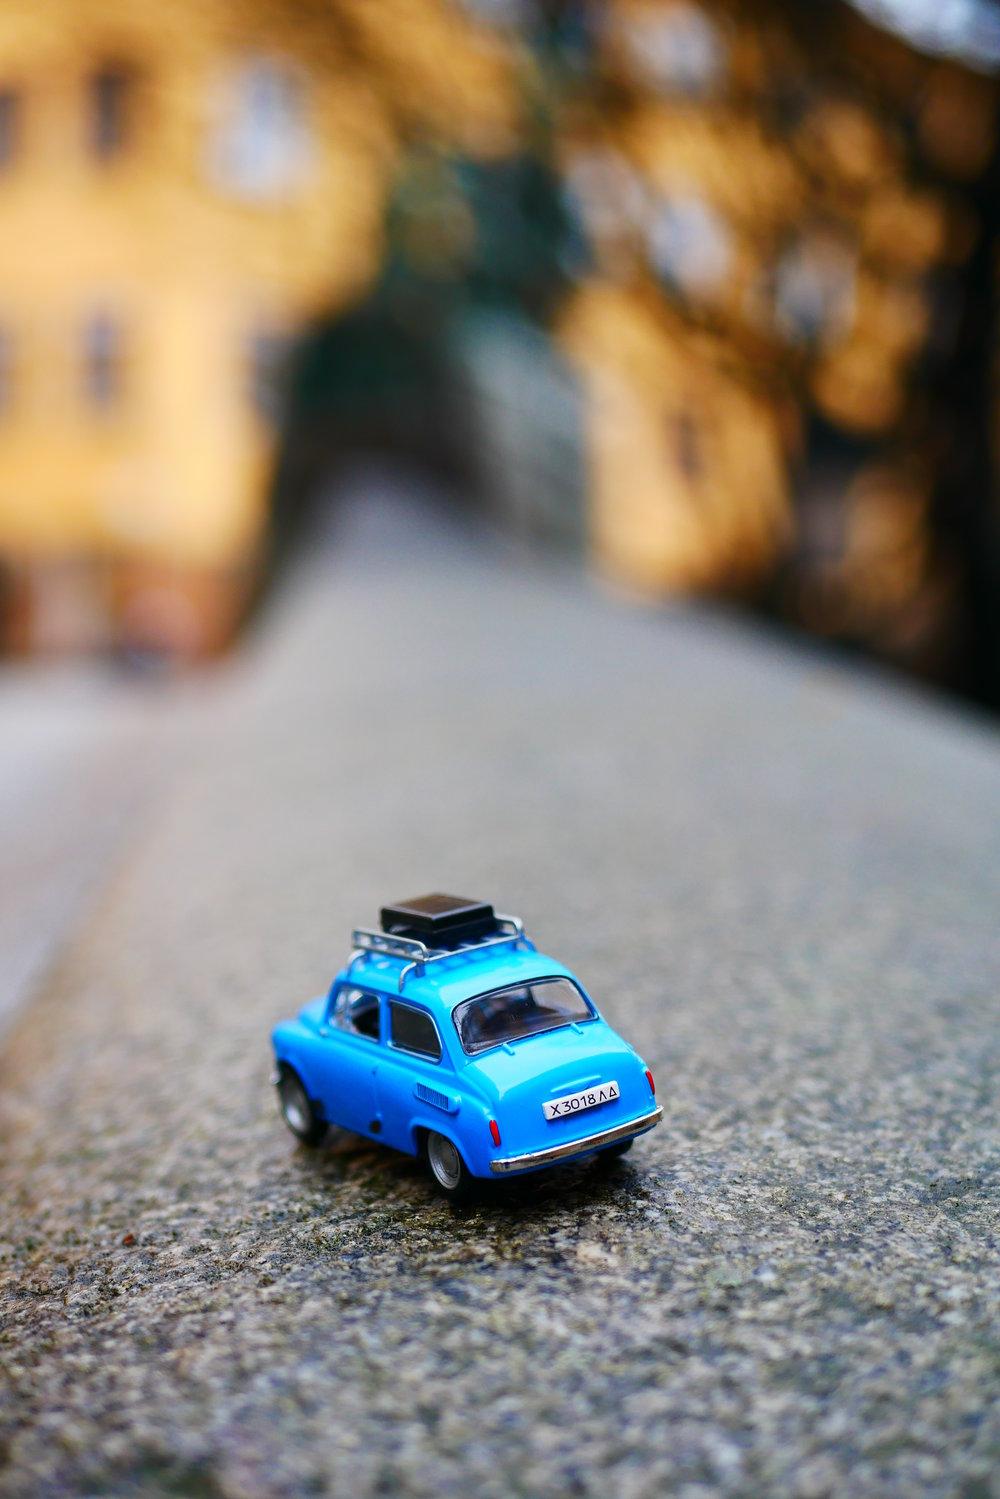 Παλιό ταξί φωτογραφία